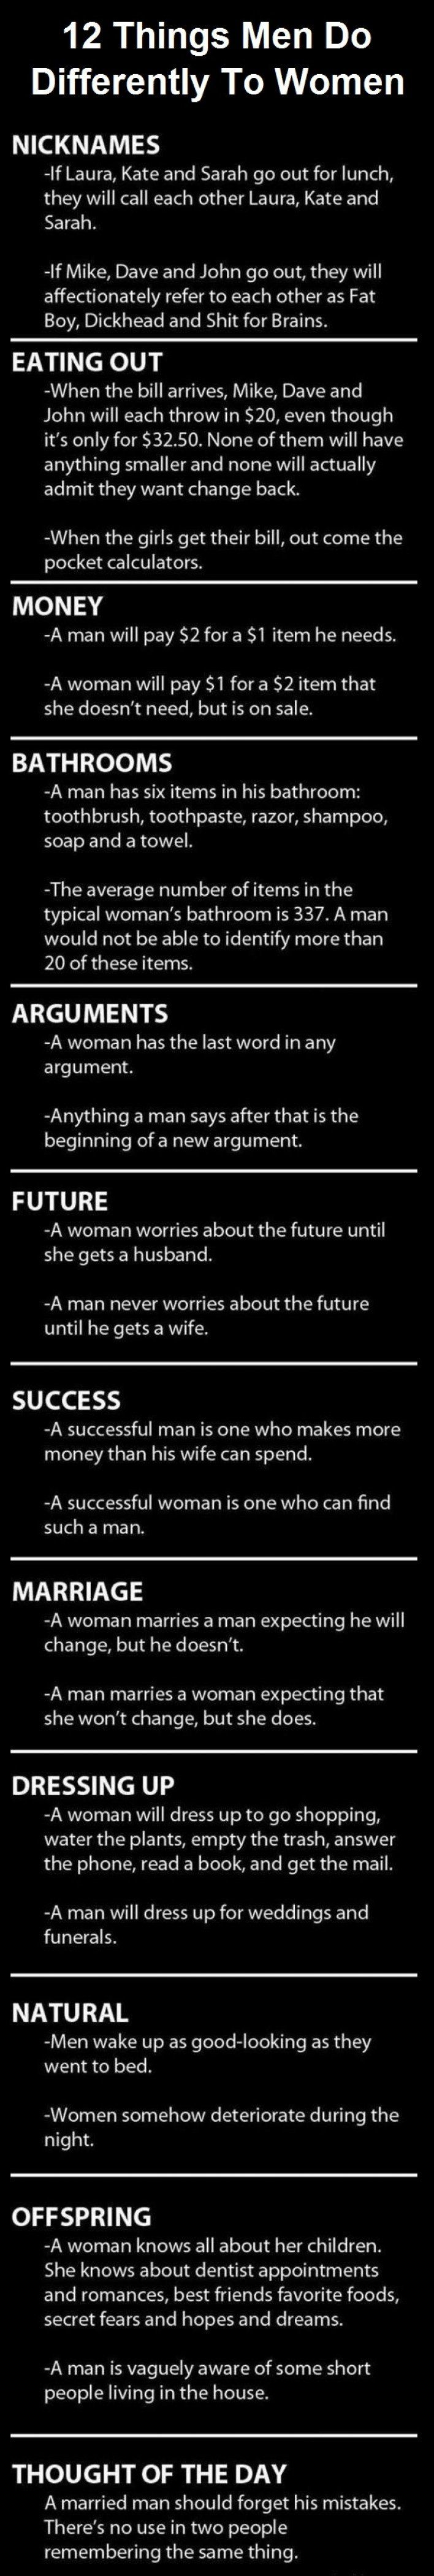 12 dingen die mannen anders doen dan vrouwen  - 12 Dingen die mannen anders doen dan vrouwen! - Manify.nl